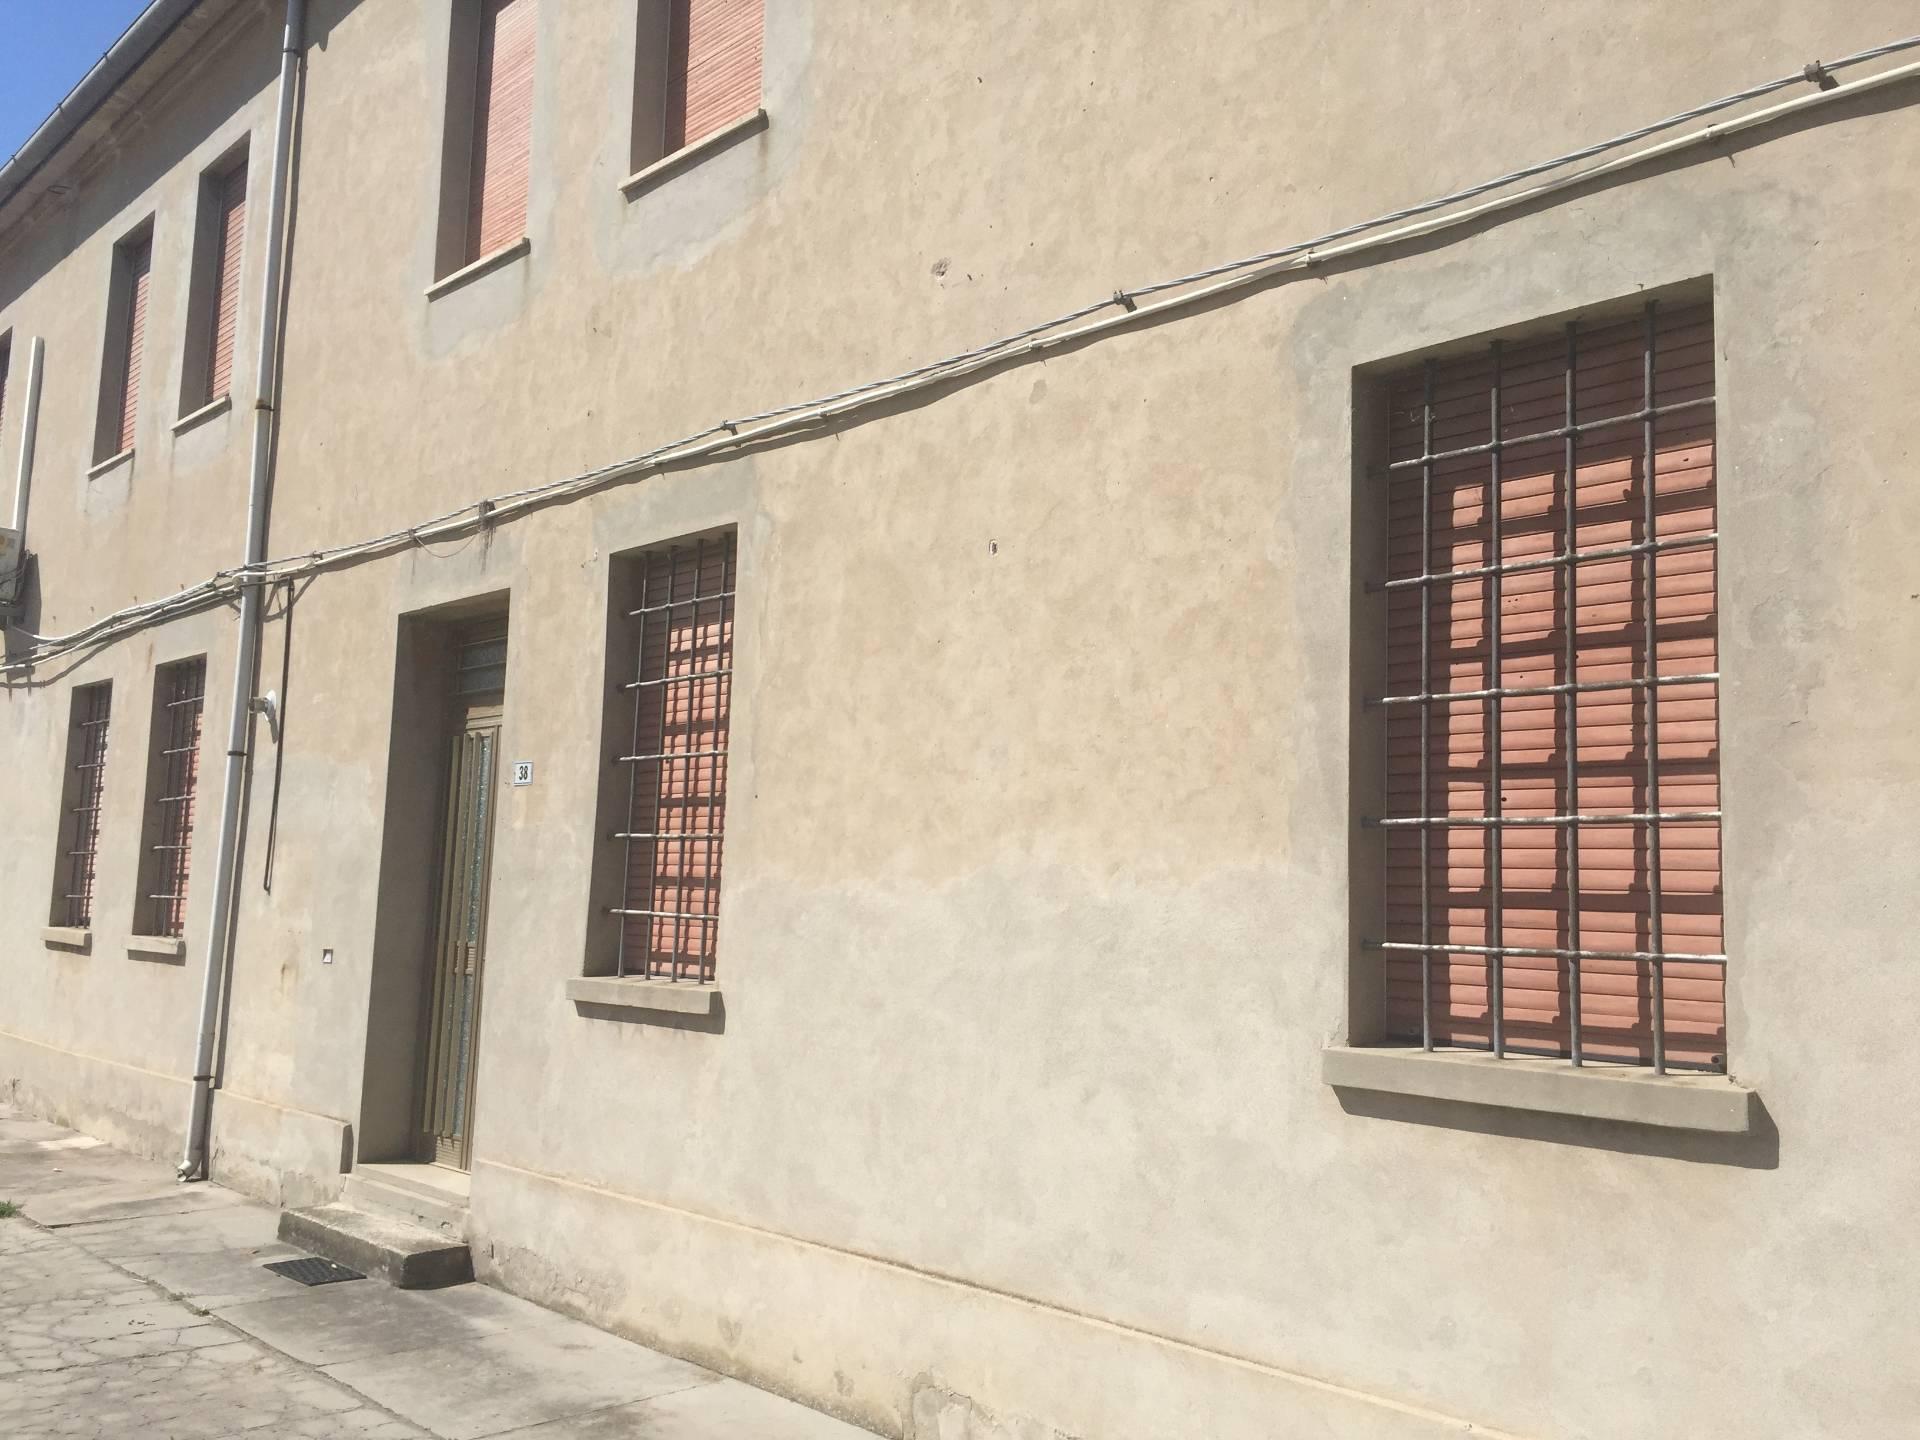 Ufficio / Studio in affitto a Ro, 9999 locali, zona Zona: Ruina, prezzo € 350 | CambioCasa.it